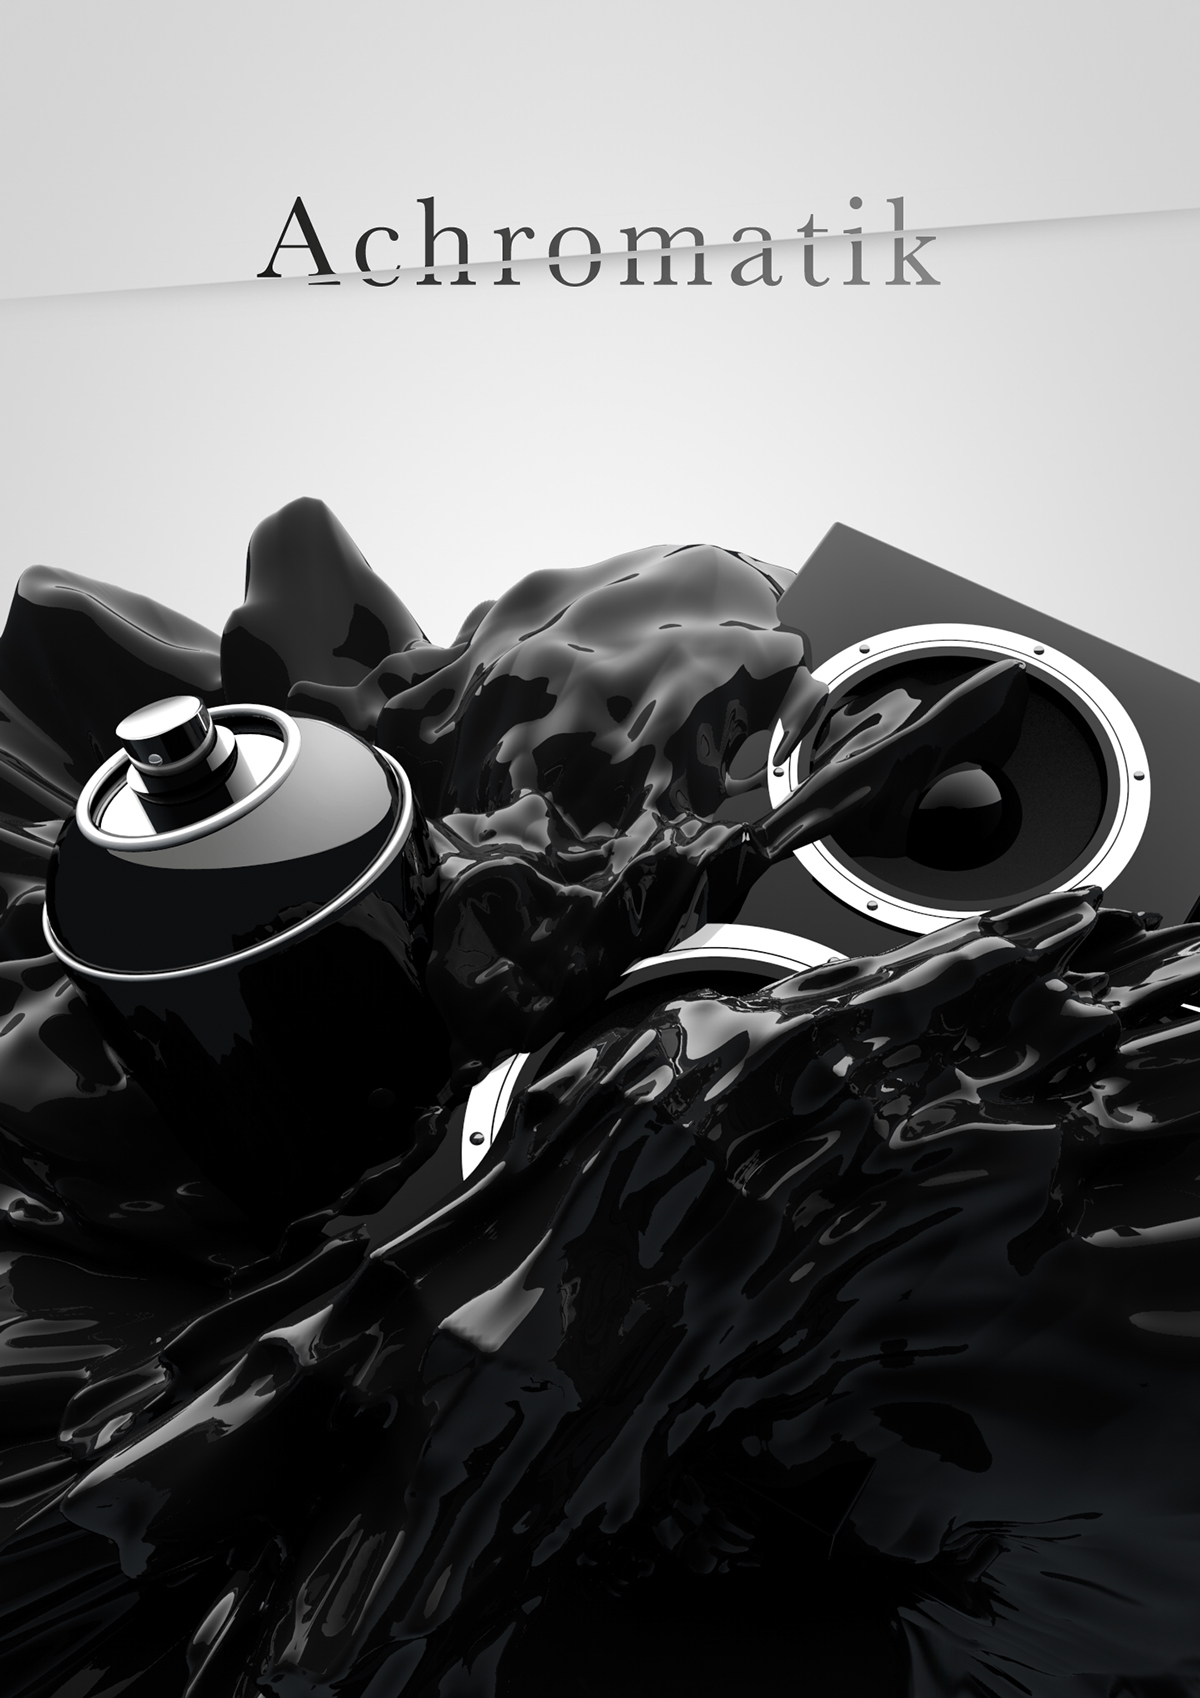 ACHROMATIK